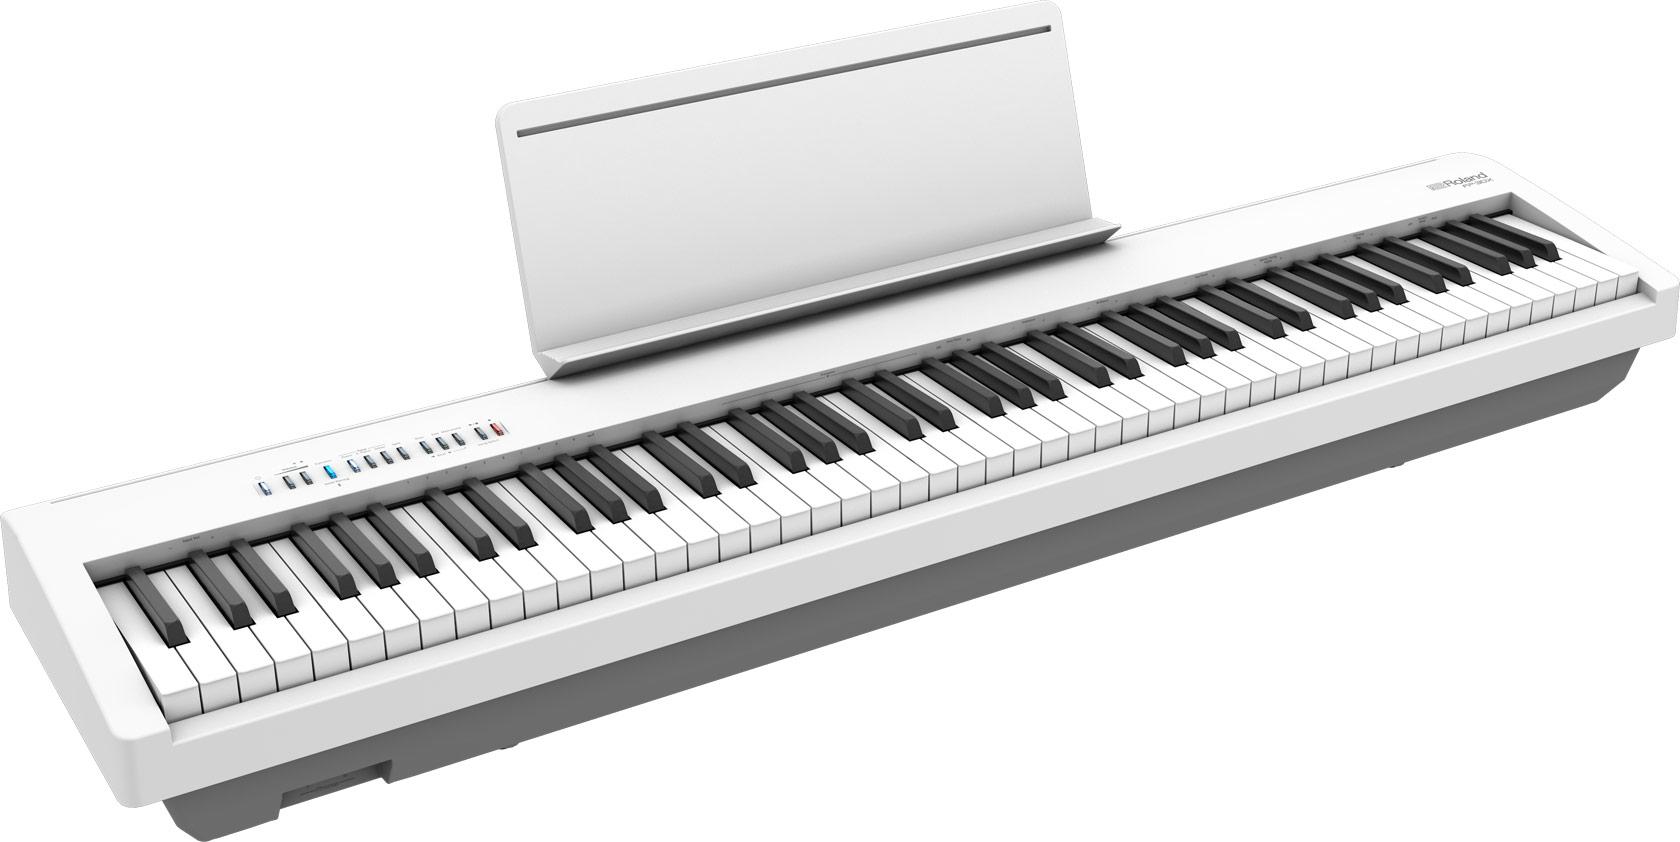 島村楽器イオンモール高崎店 ローランド Roland FP-30X コンパクト 電子ピアノ スリム